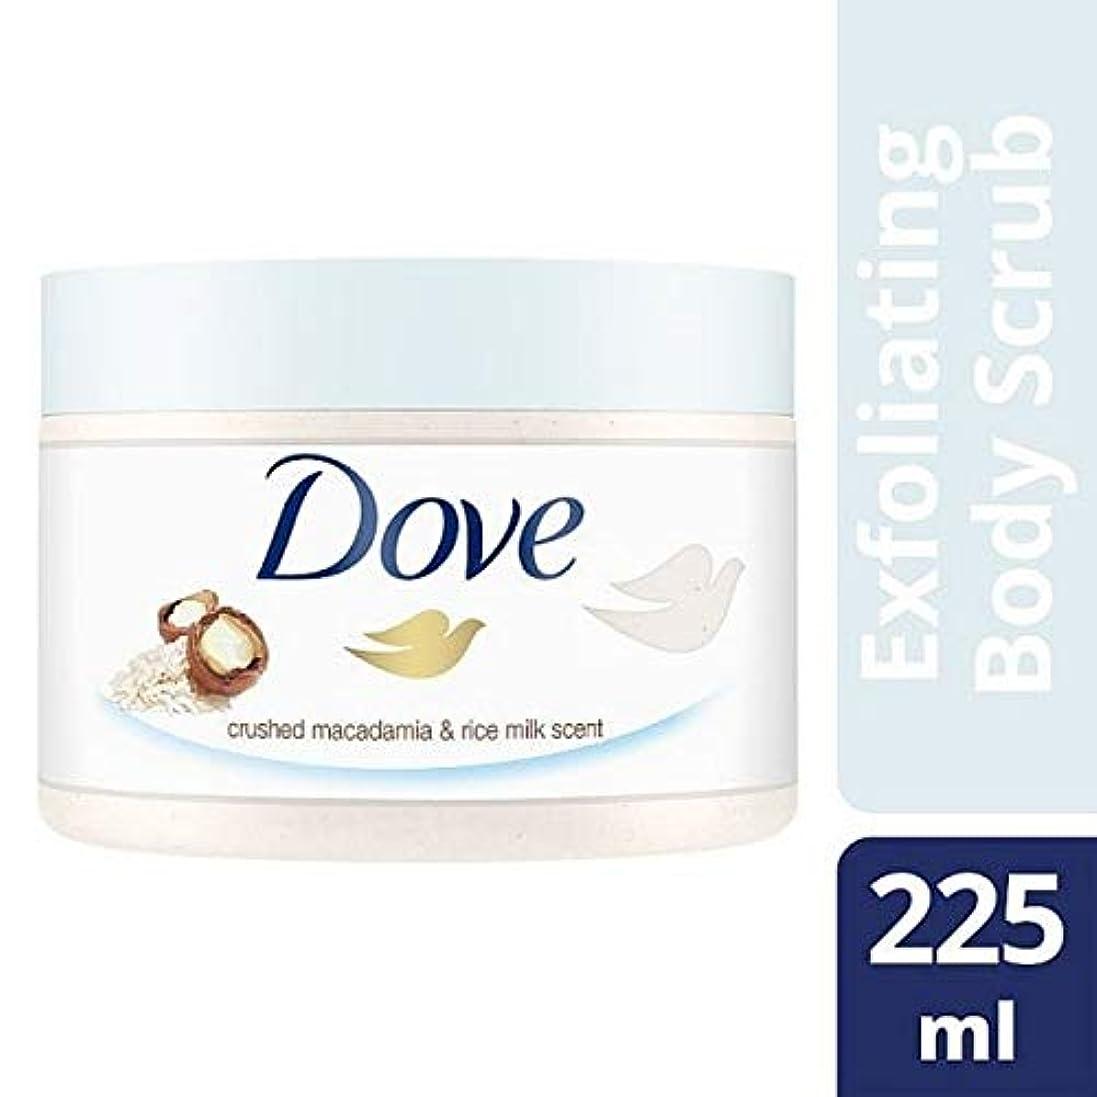 横たわる丈夫平行[Dove ] ボディスクラブマカダミア&ライスミルク225ミリリットルを剥離鳩 - Dove Exfoliating Body Scrub Macadamia & Rice Milk 225ml [並行輸入品]